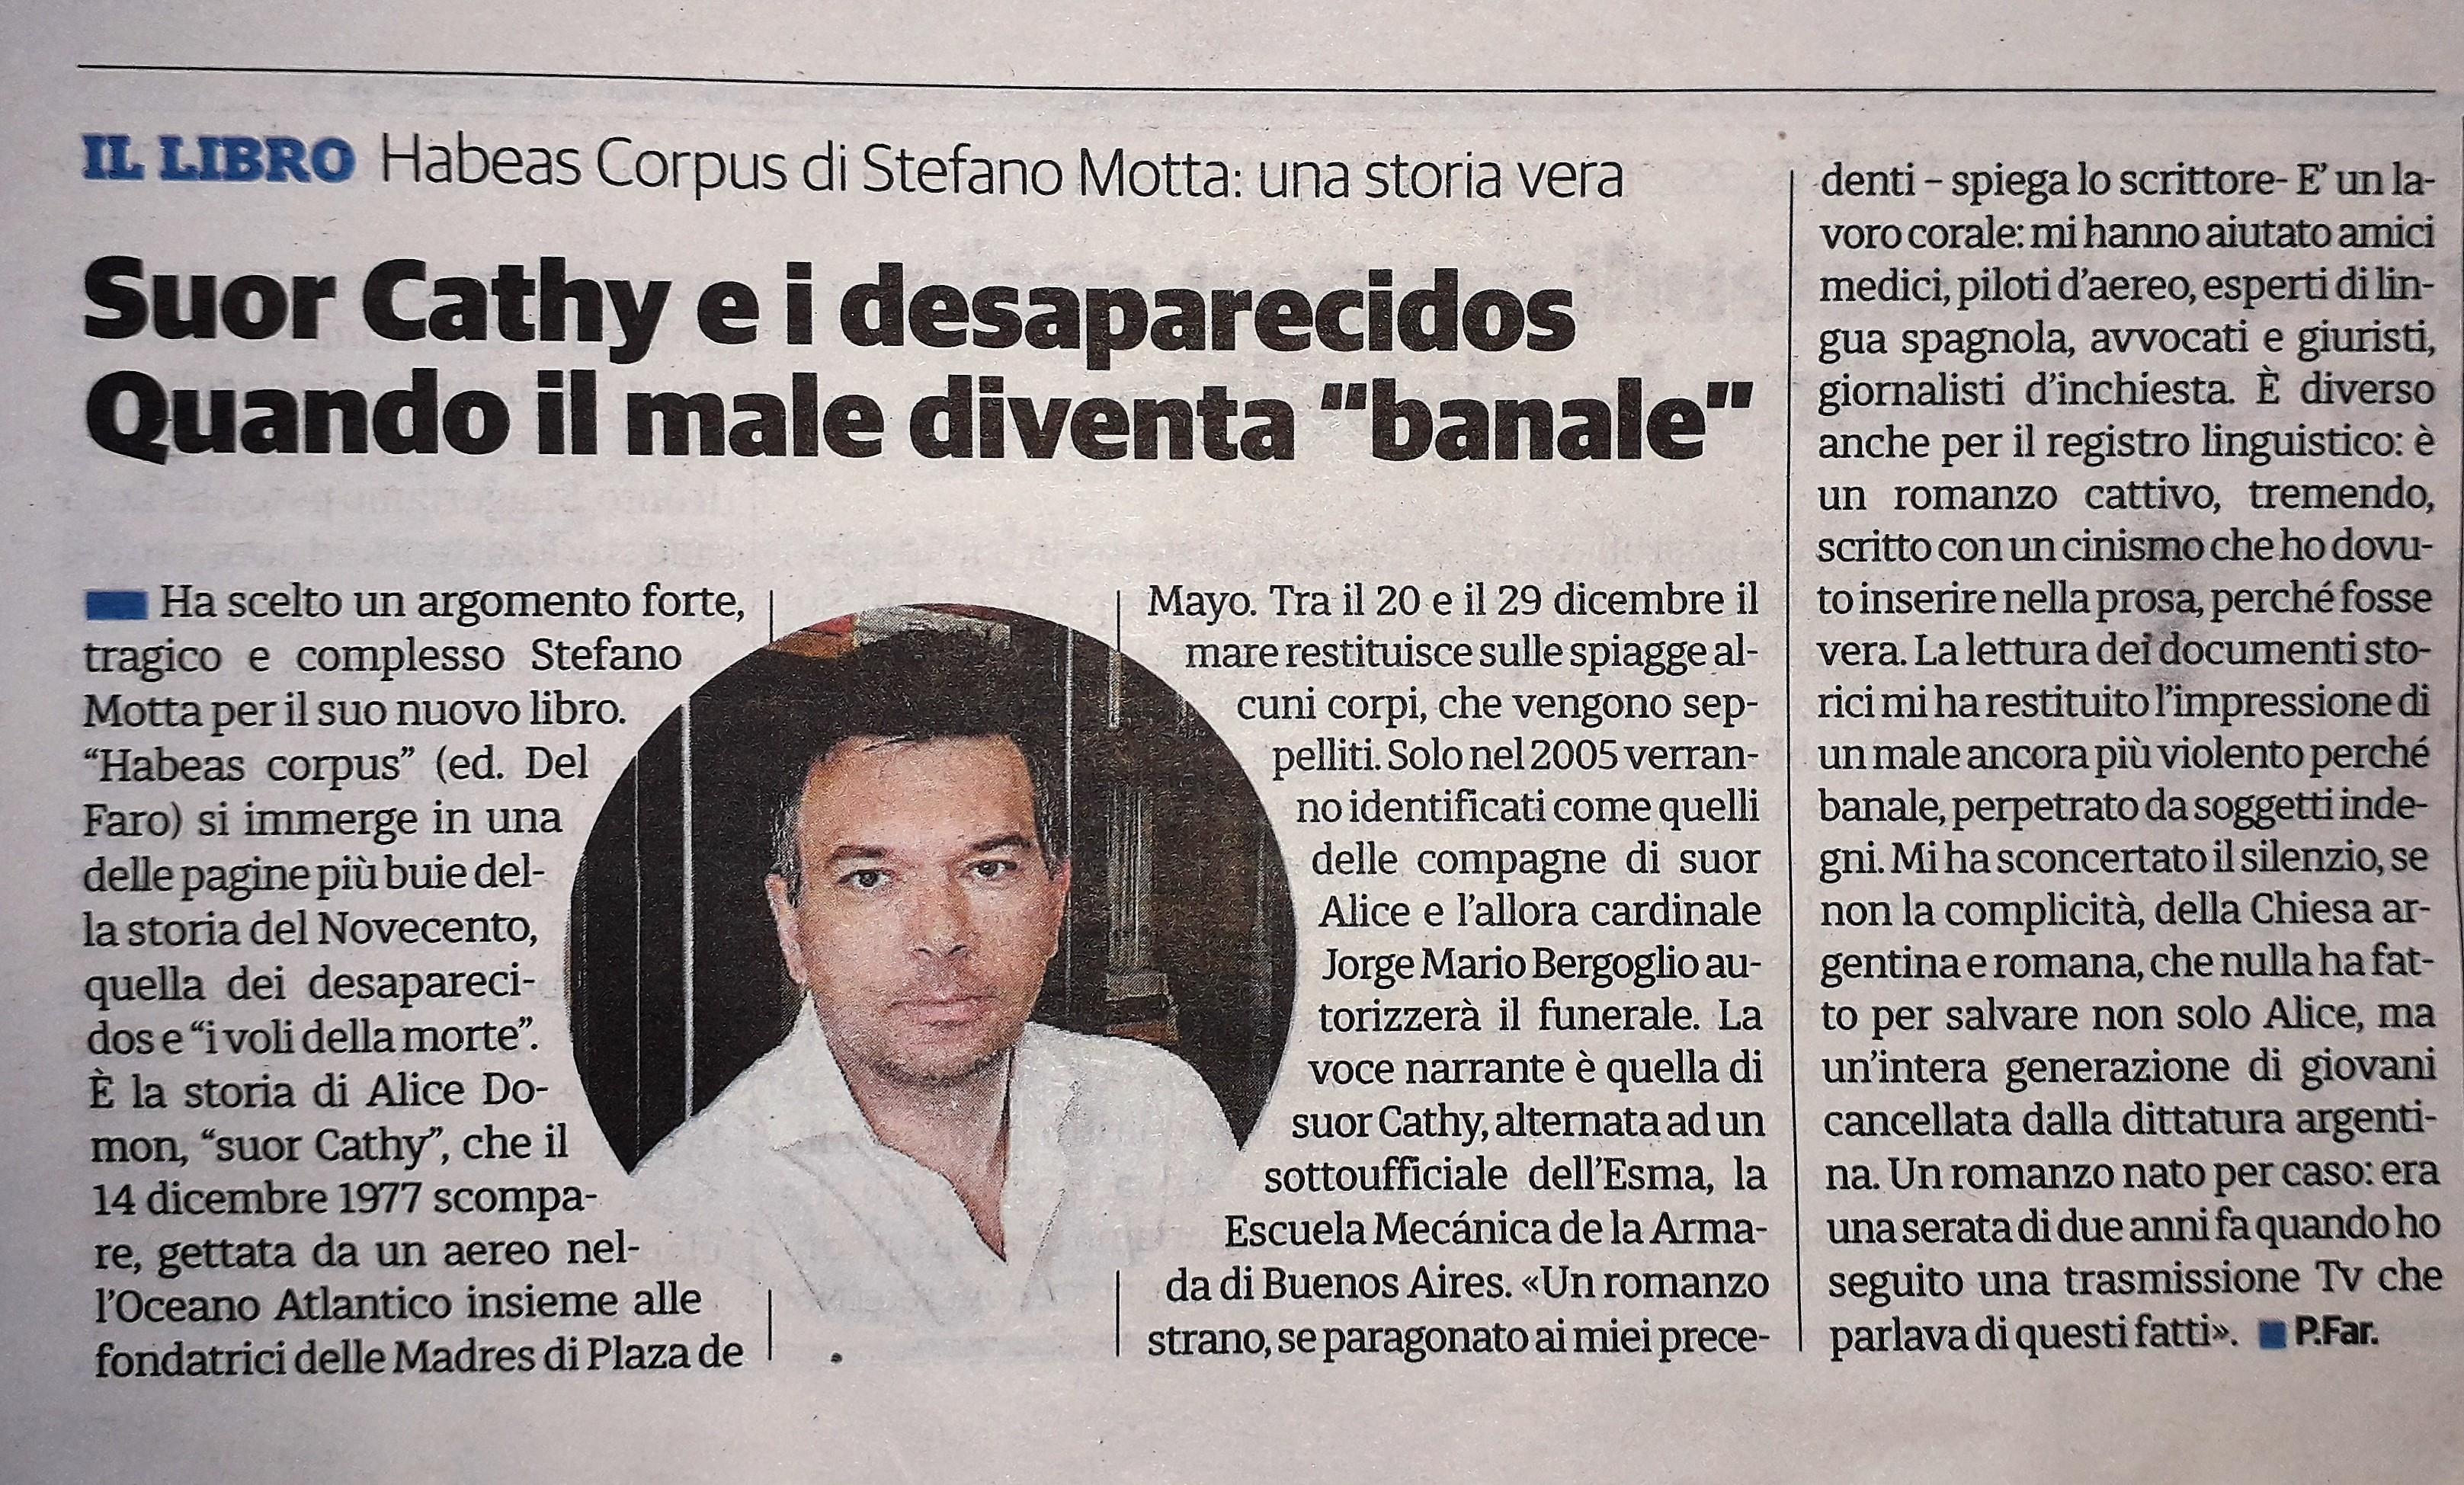 IlCittadino_27.02.21, pag. 18